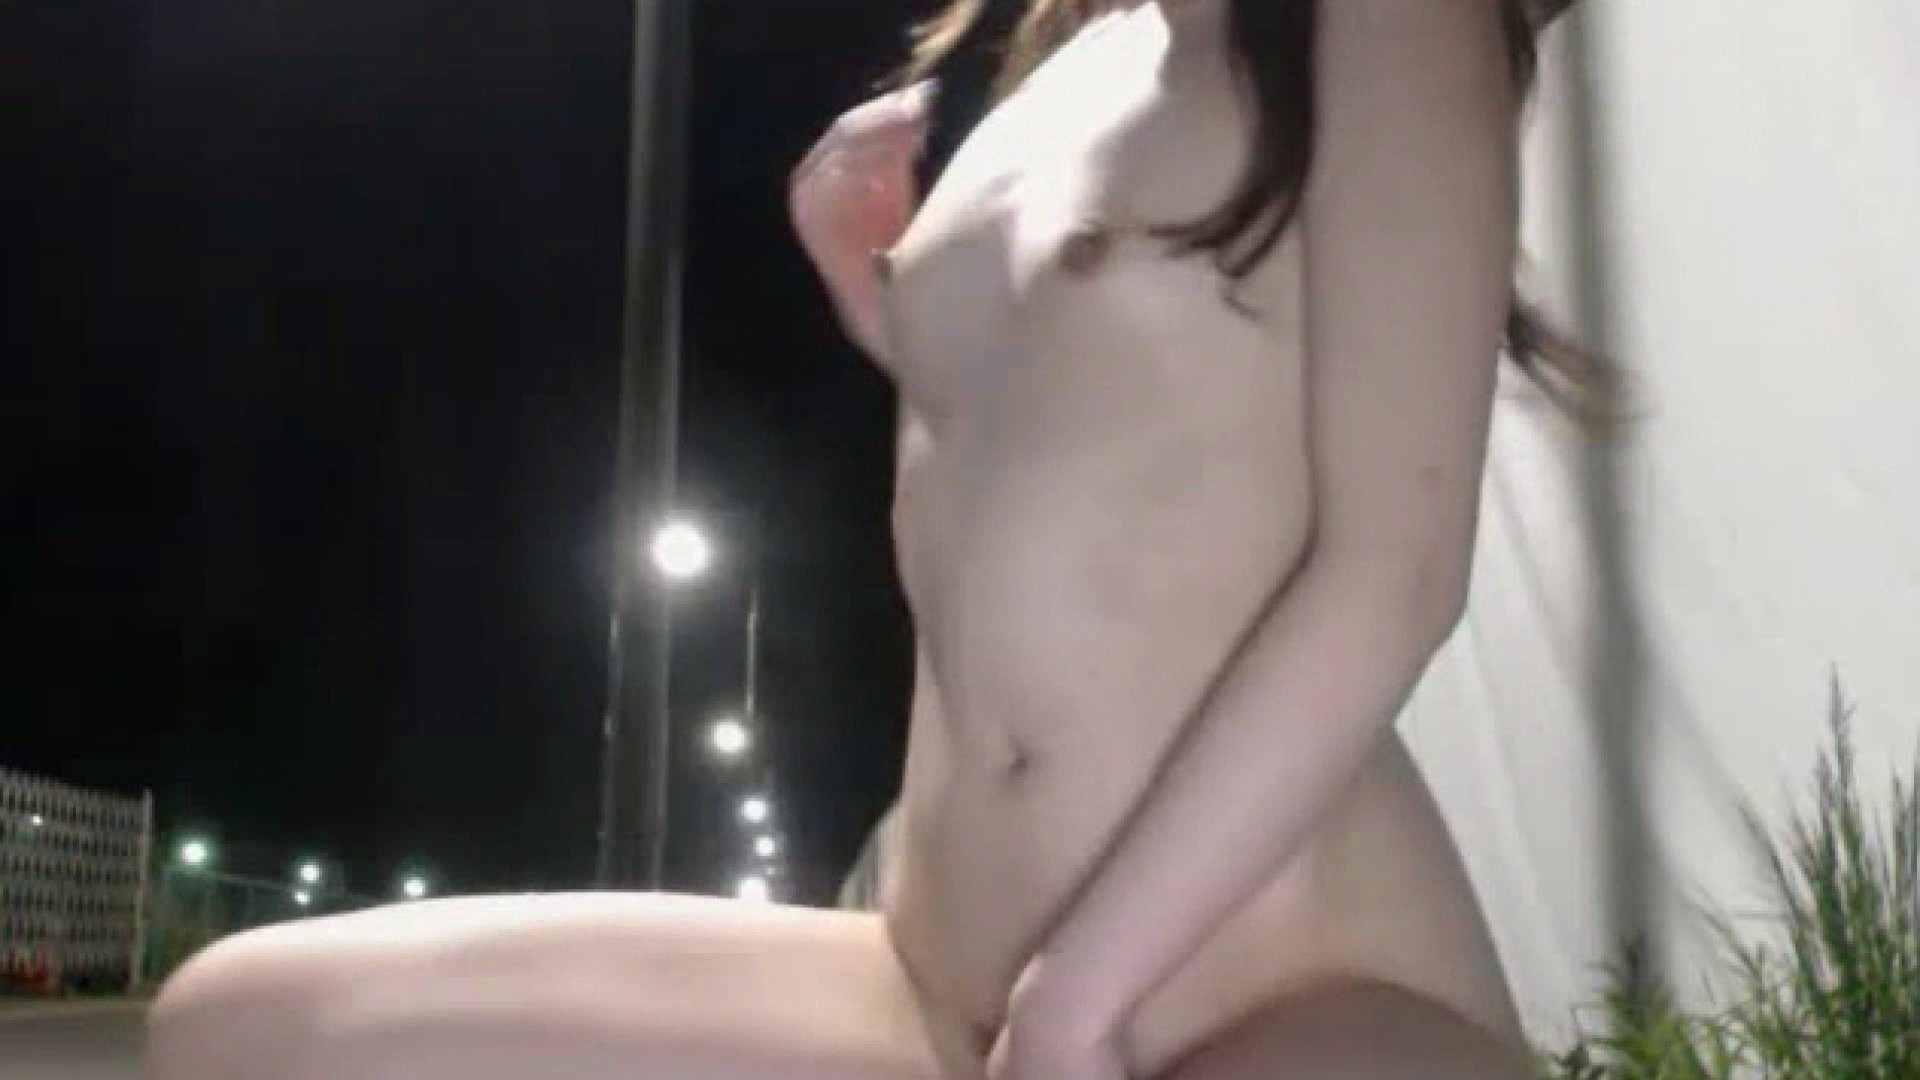 変態オナニー劇場 Vol.43 オナニーガール   ギャル盗撮映像  52PIX 7